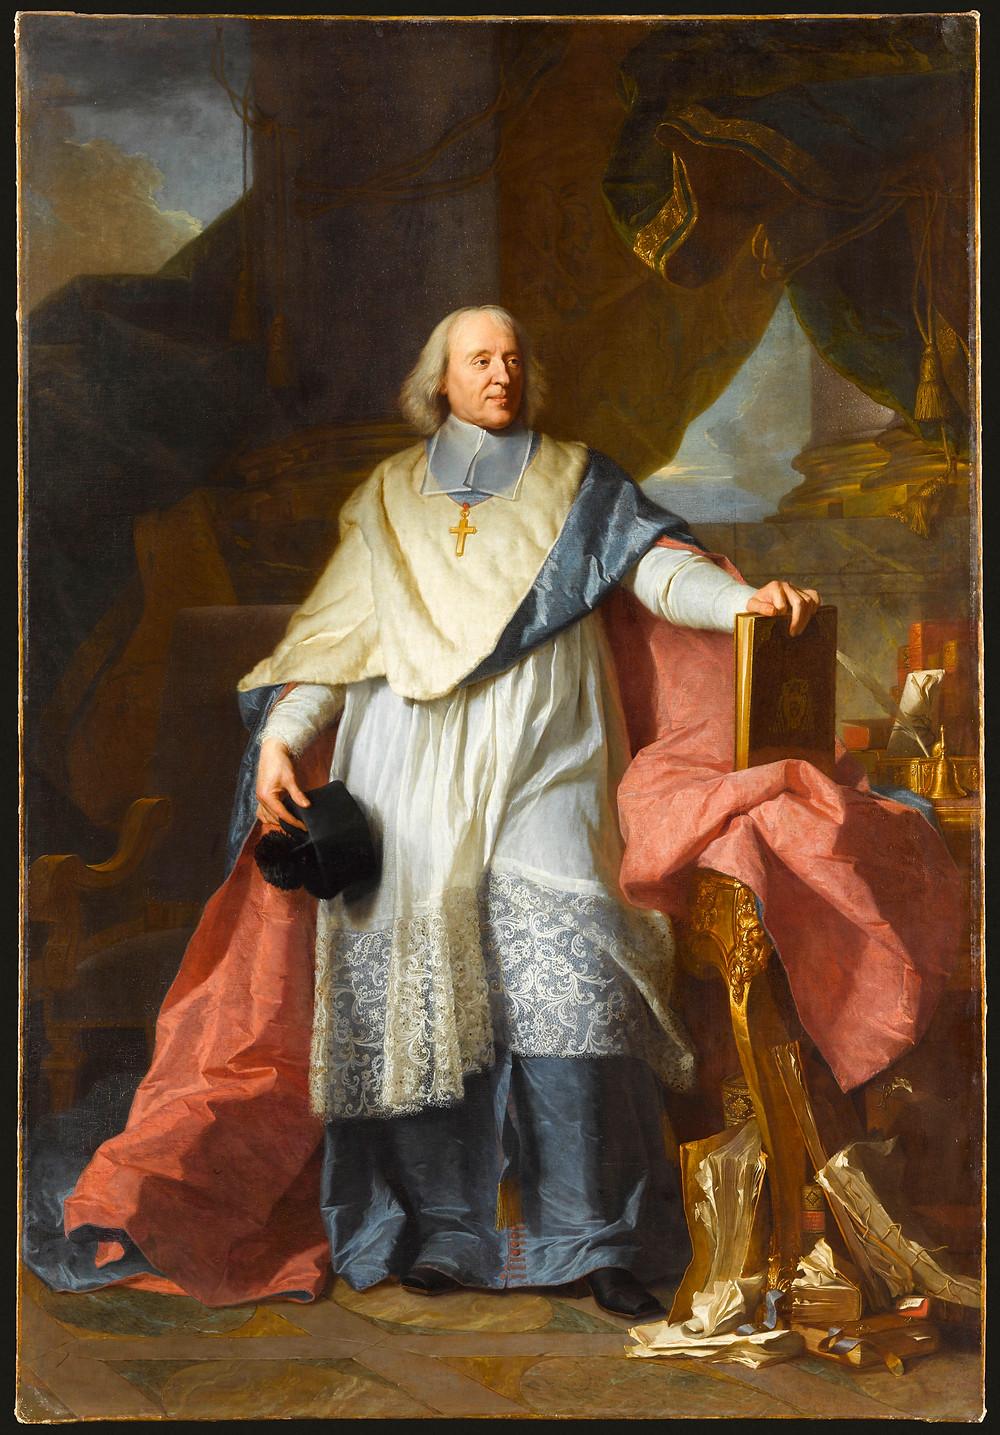 Hyacinthe Rigaud avec la participation de Bailleul, Portrait de Jacques Bénigne Bossuet, 1701-1705, Paris, musée du Louvre, inv. 7506